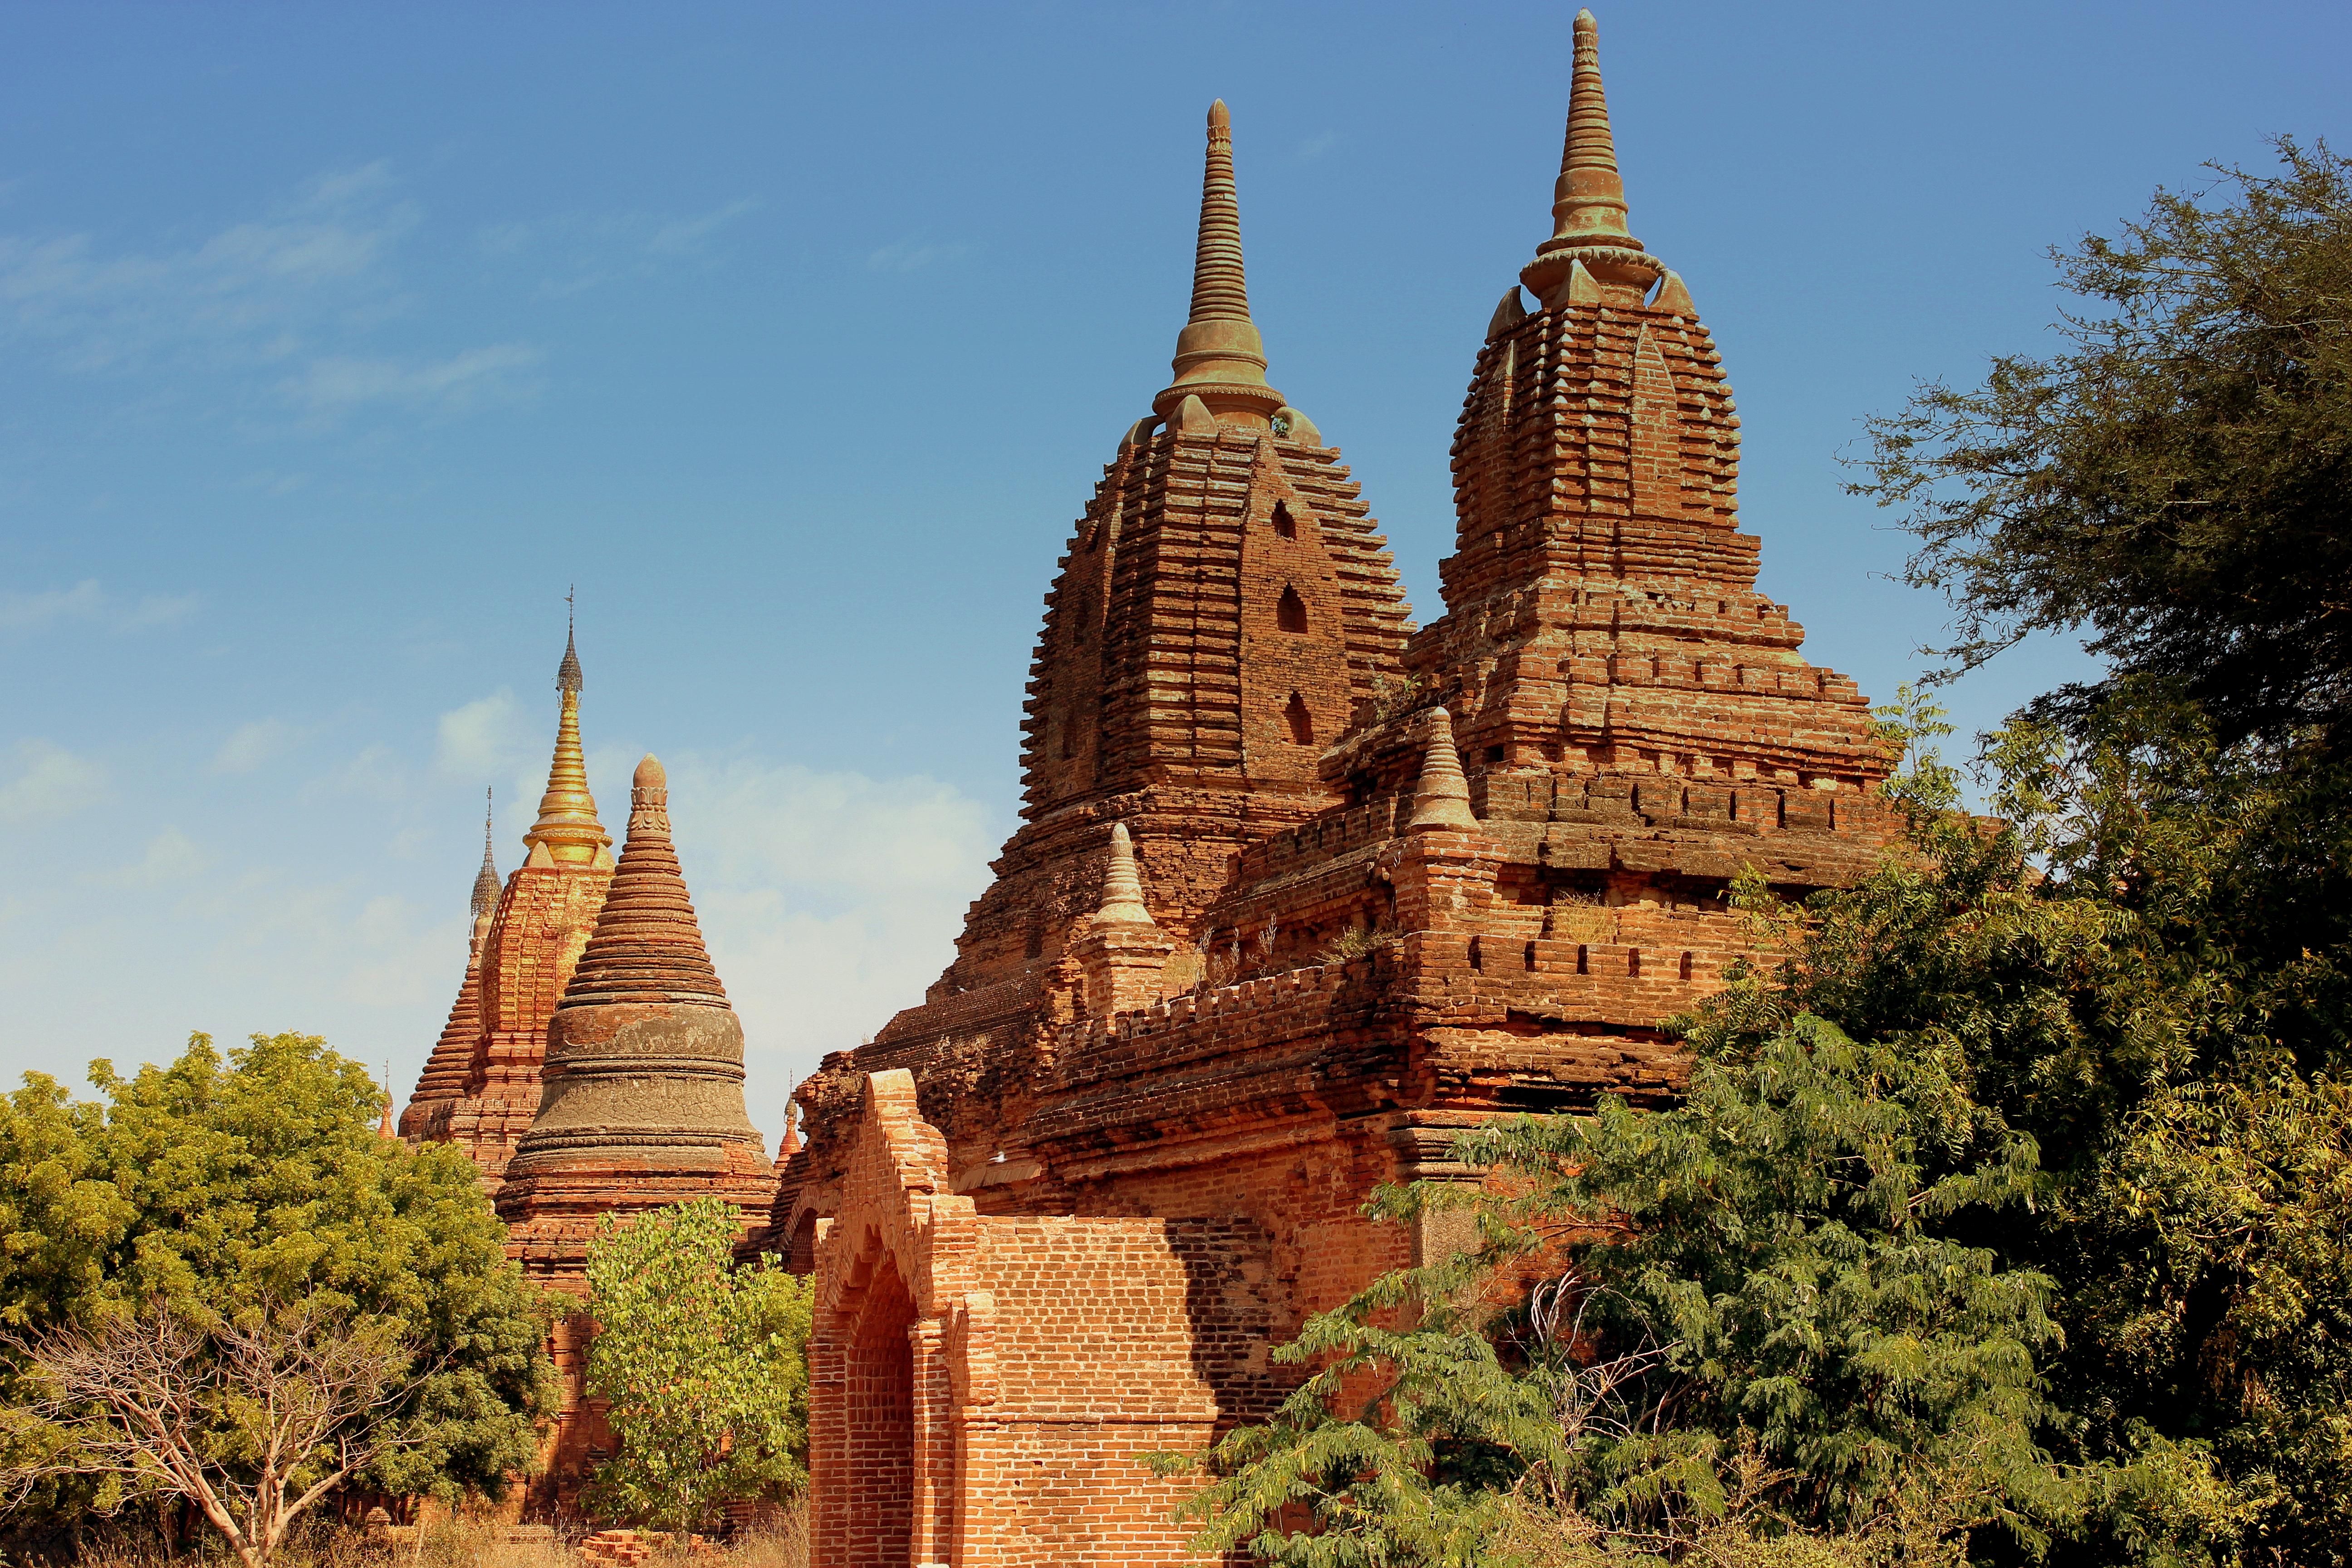 File:BAGAN TEMPLES MYANMAR FEB 2013 (8528068298).jpg